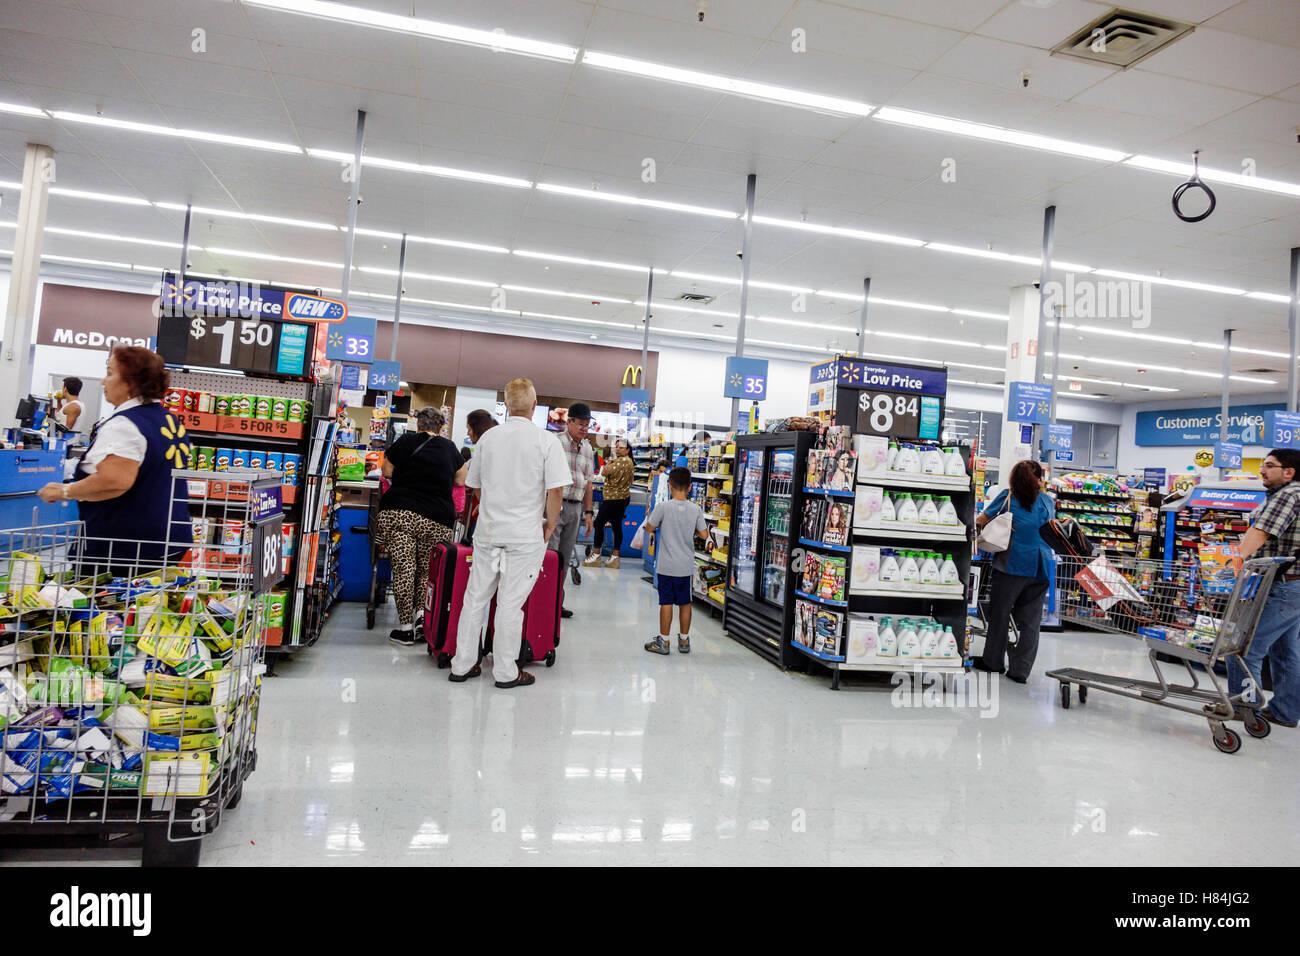 Miami Florida Walmart interior shopping checkout line queue Stock